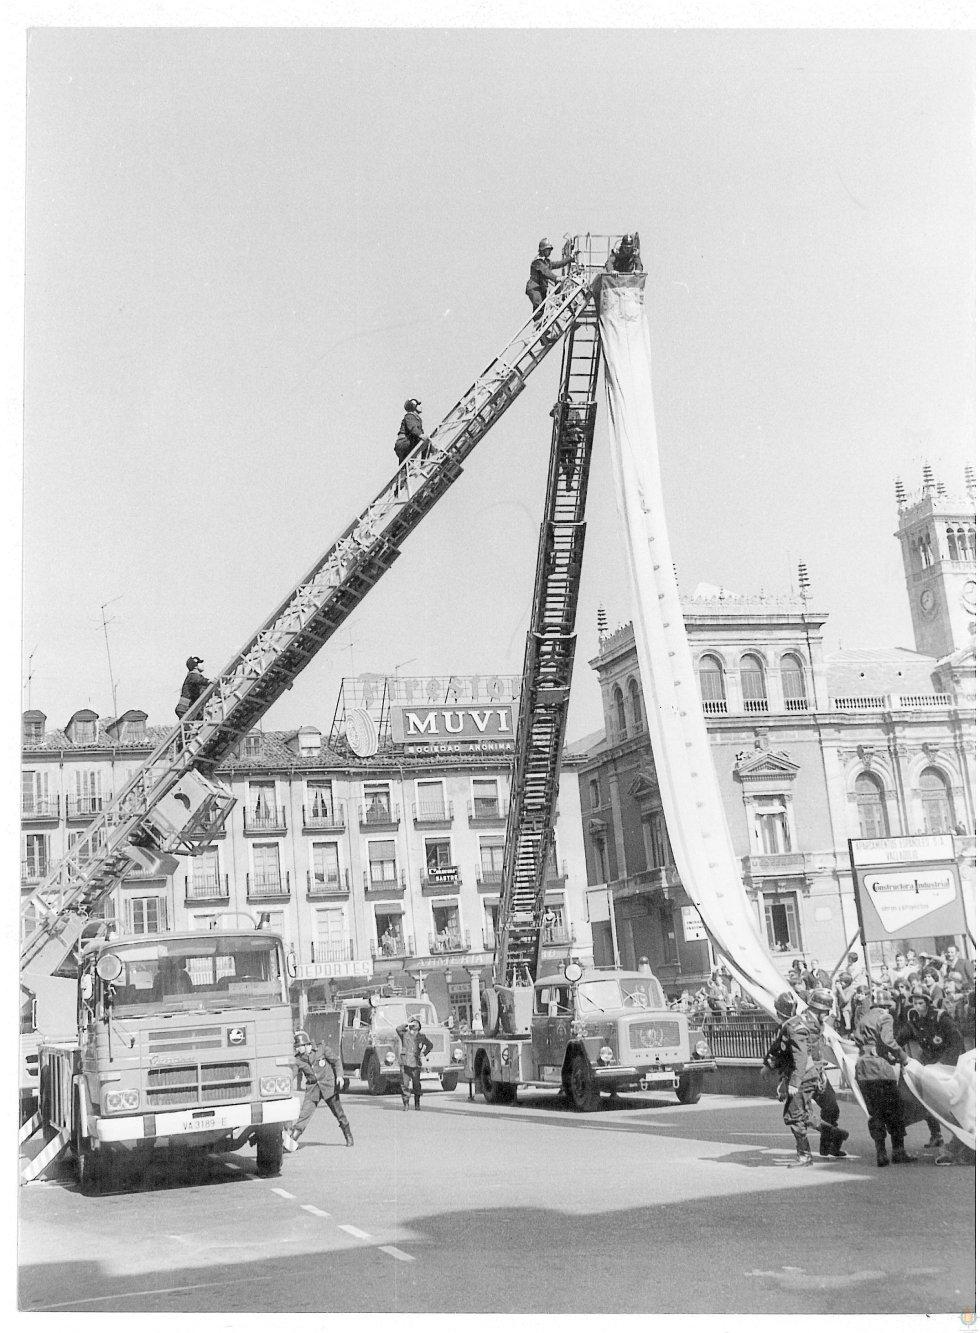 Un paseo por el archivo fotográfico de los bomberos de Valladolid